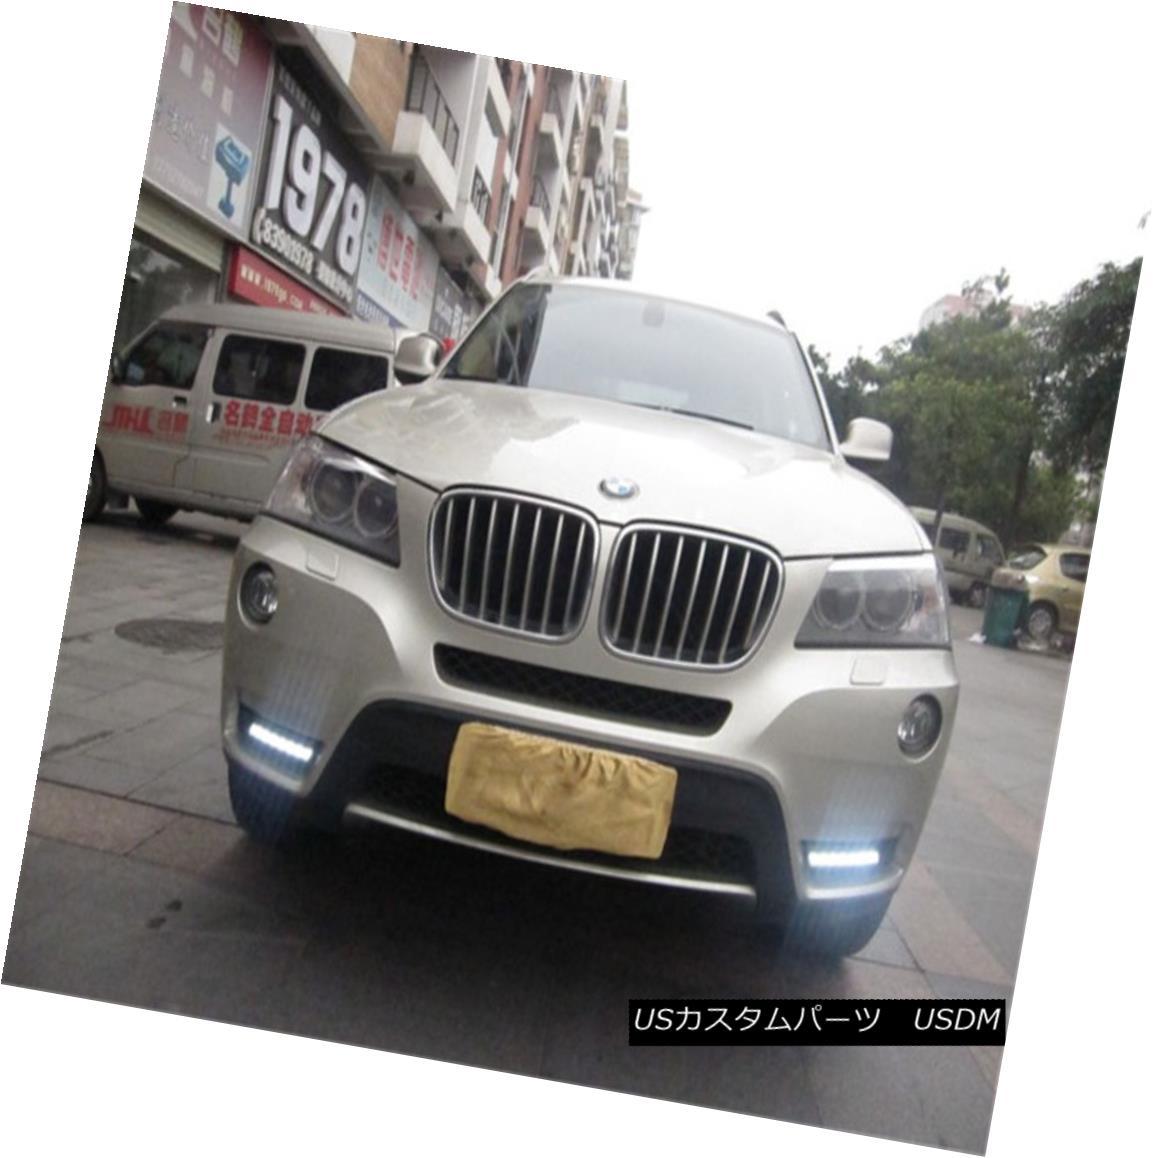 エアロパーツ DRL LED Driving Daytime Running Lights/Lamp For BMW X3 F25 2009-2013 BMW X3 F25 2009-2013用DRL LEDデイリーランニングライト/ランプの駆動